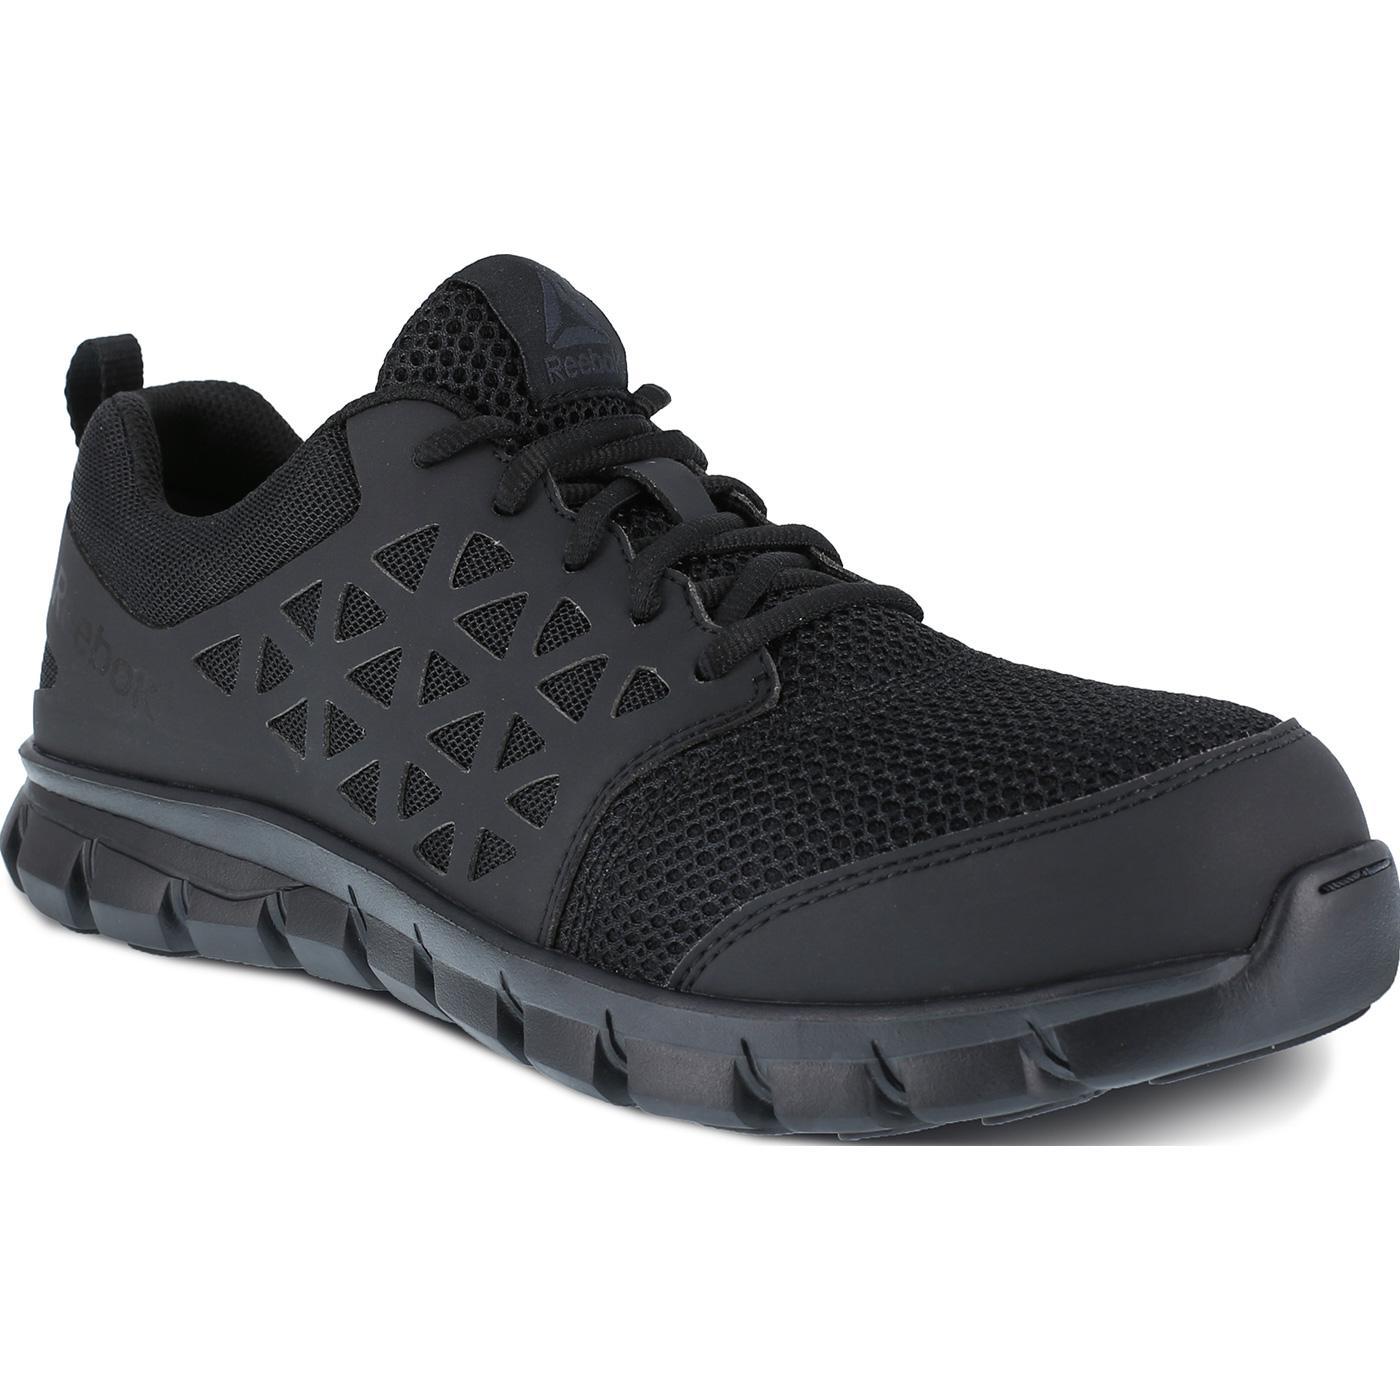 a6c430de4eb Reebok Sublite Cushion Work Men s Composite Toe Static-Dissipative  Slip-Resistant Work Athletic ShoeReebok Sublite Cushion Work Men s  Composite Toe ...